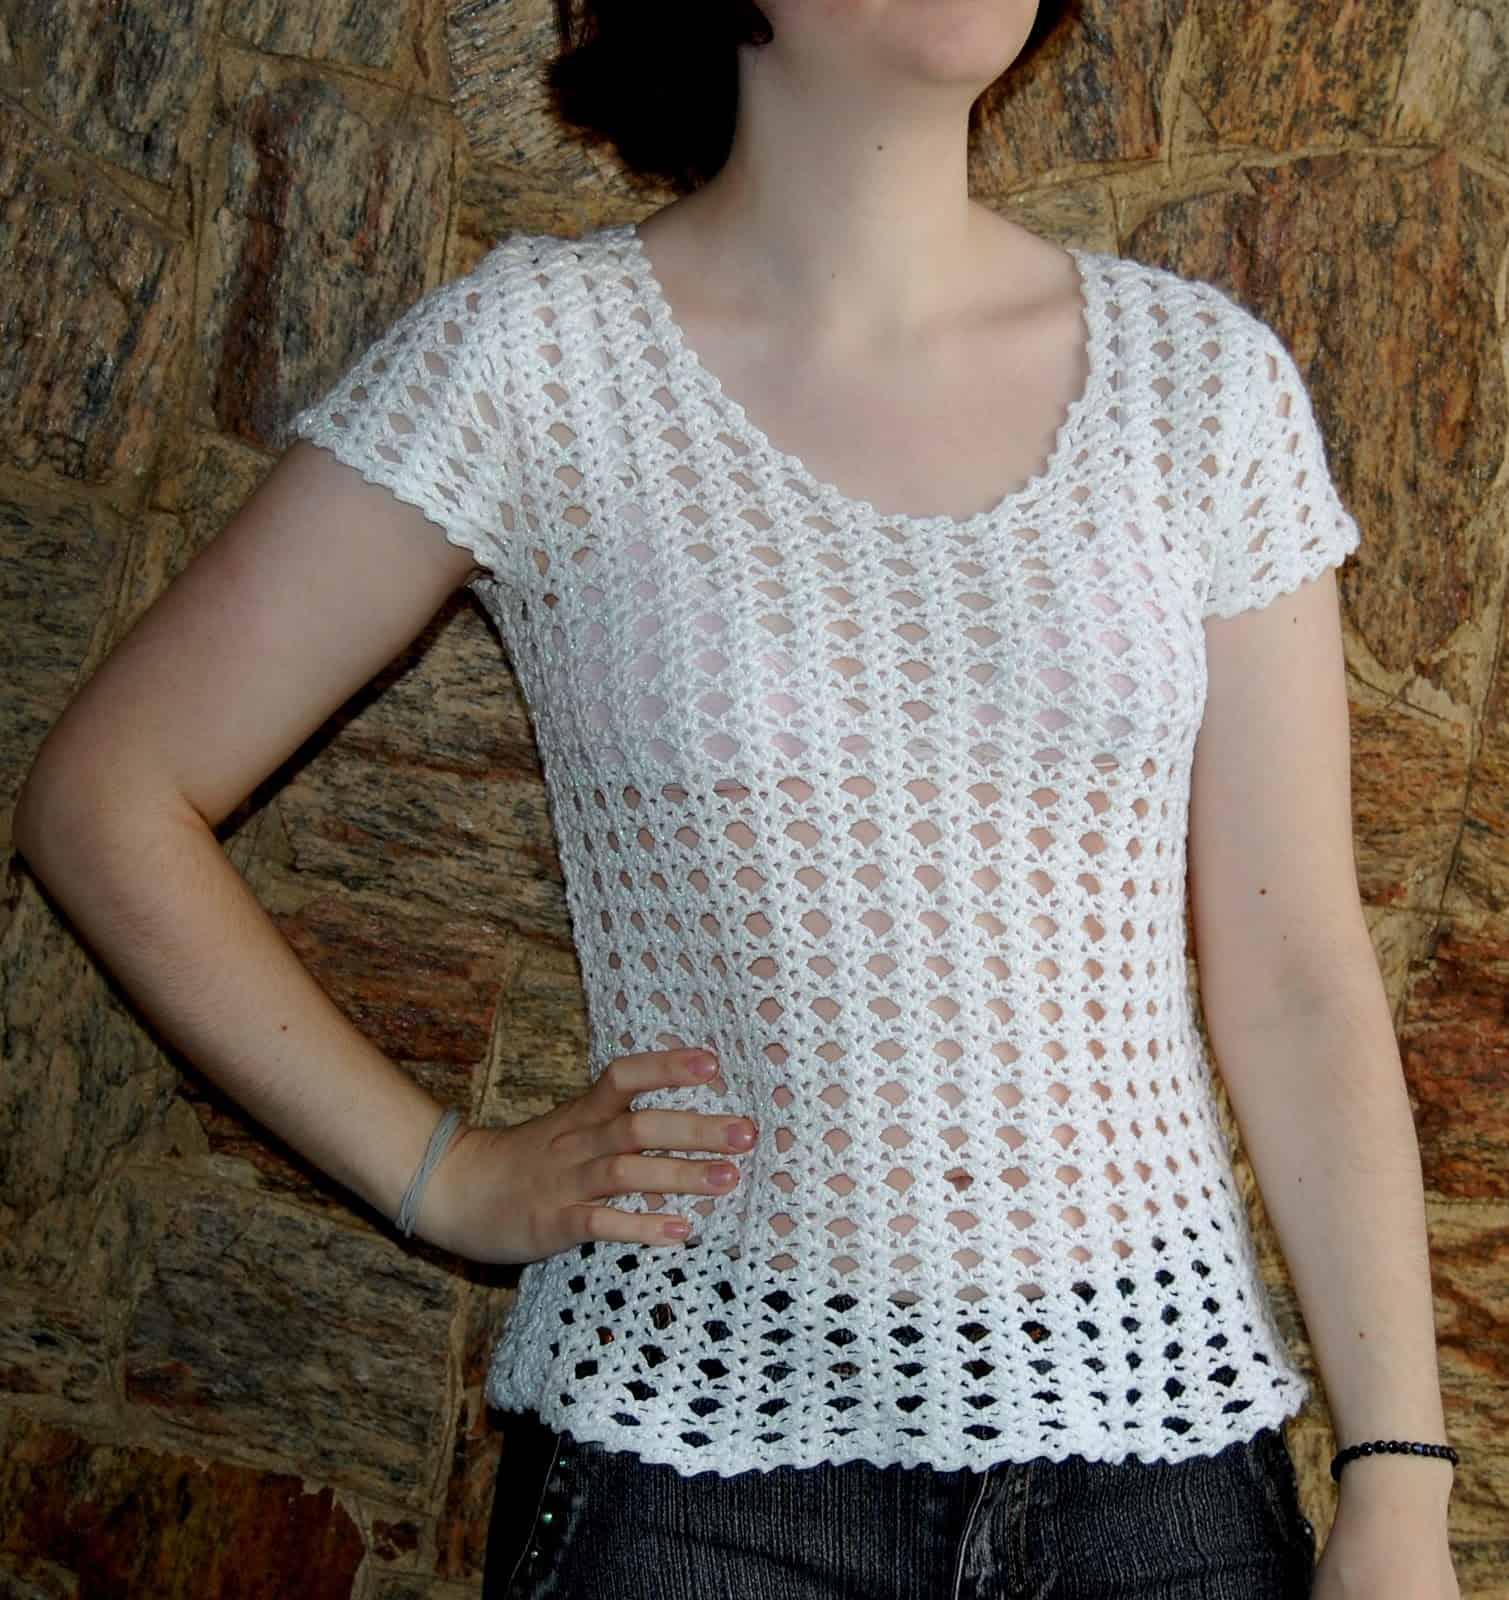 Aprender como fazer blusa de crochê manga curta é um clássico